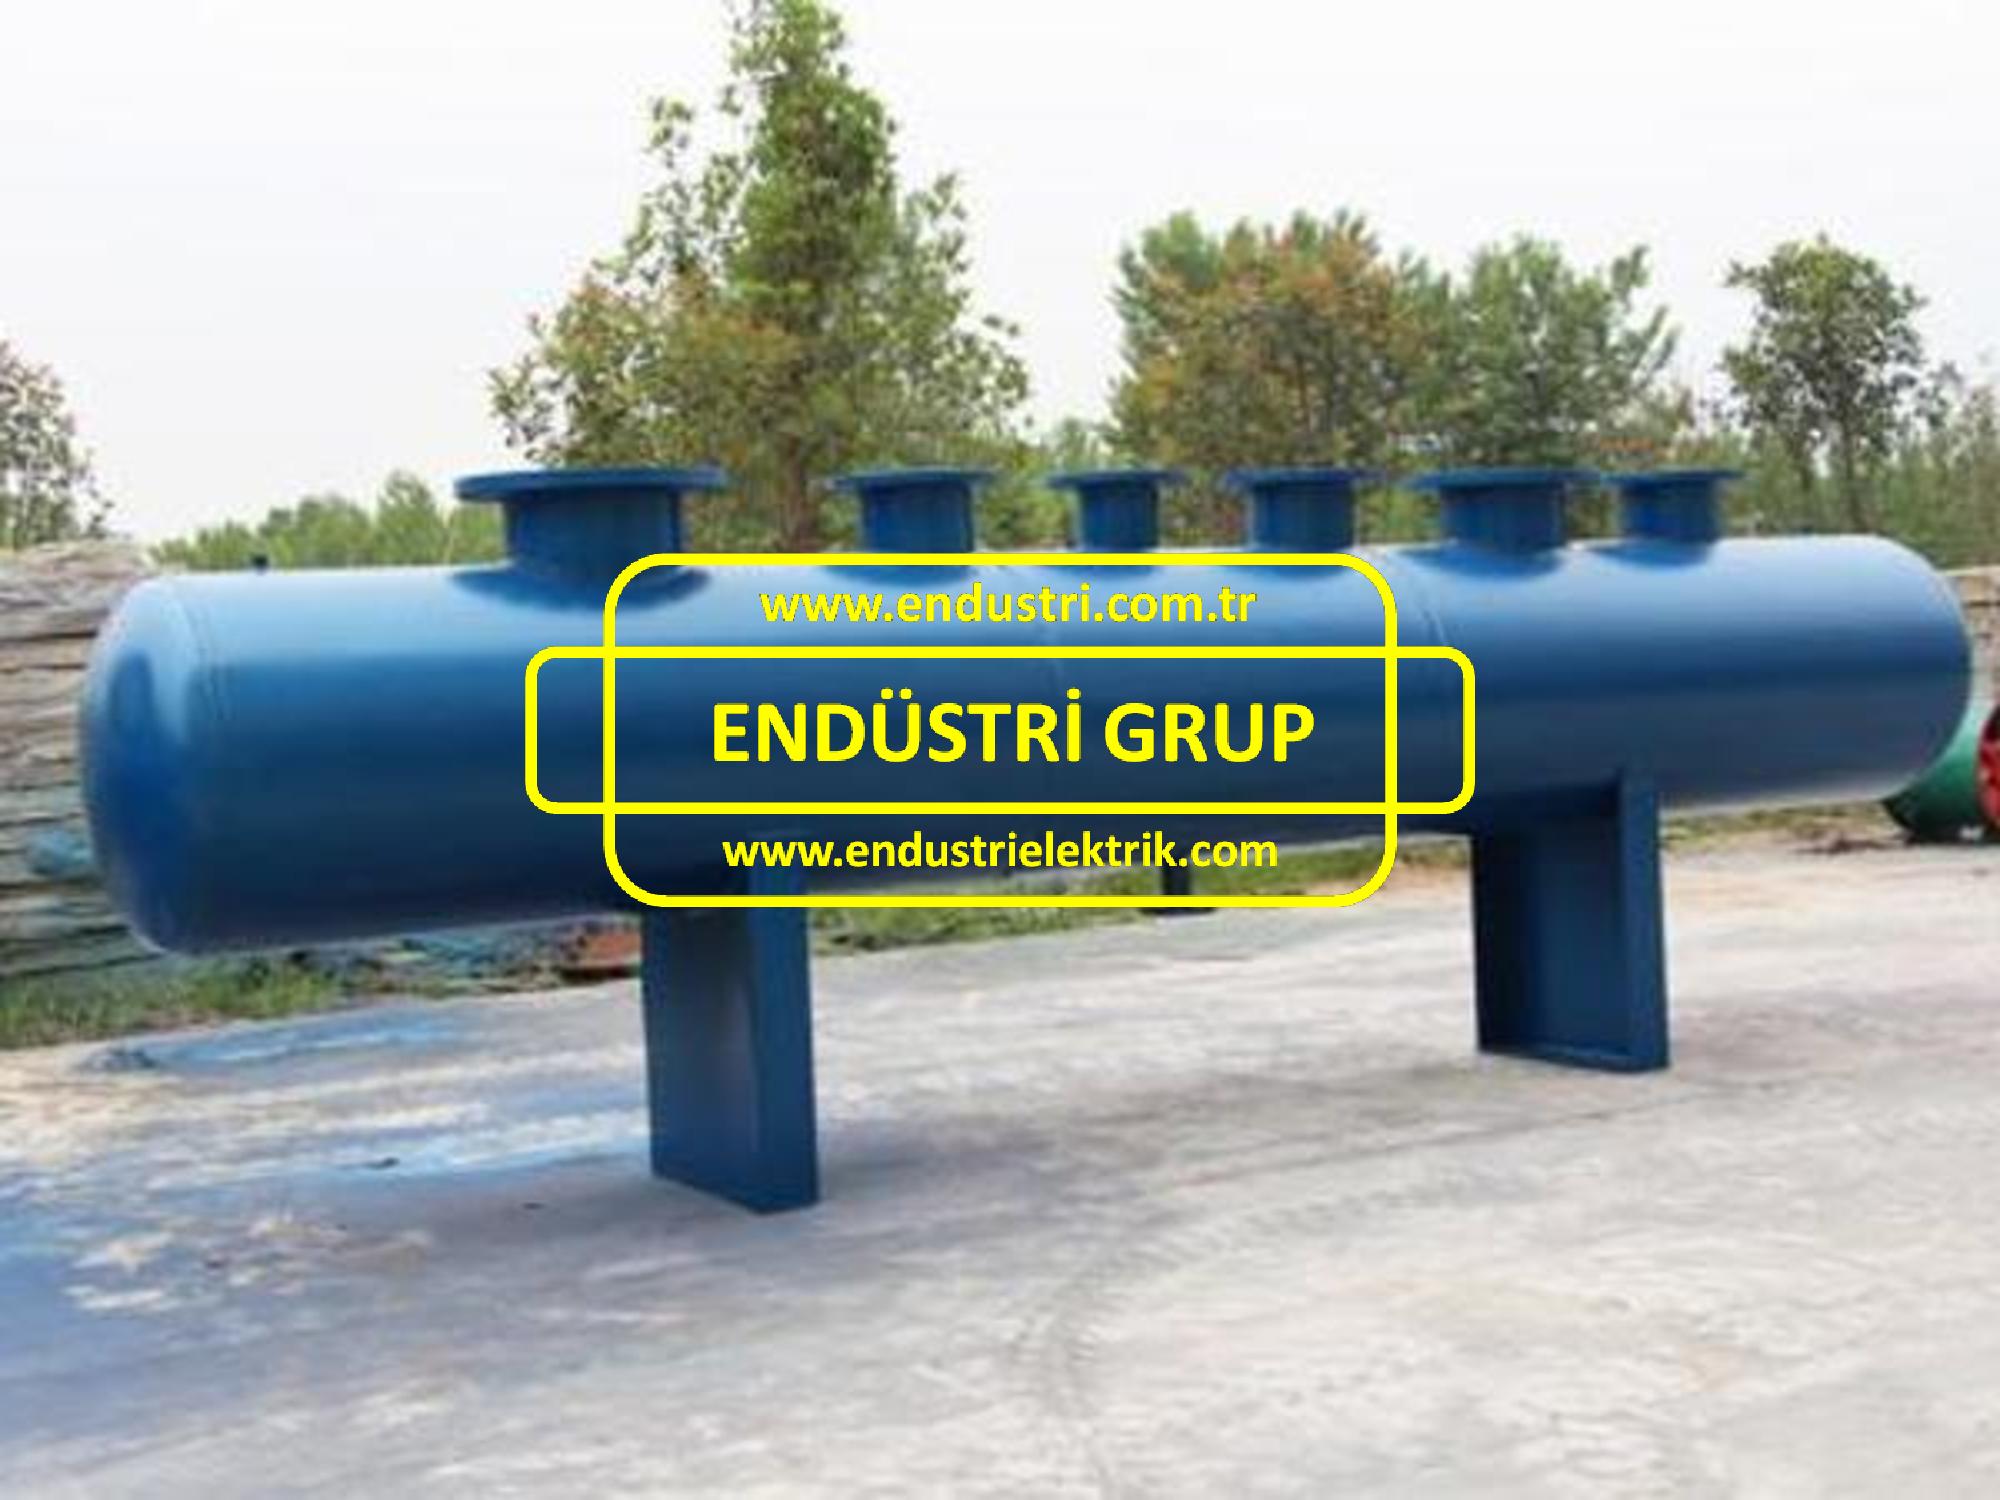 galvaniz-paslanmaz-celik-yangin-hidrant-kollektoru-borusu-imalati-sus-havuzu-fiskiyeleri